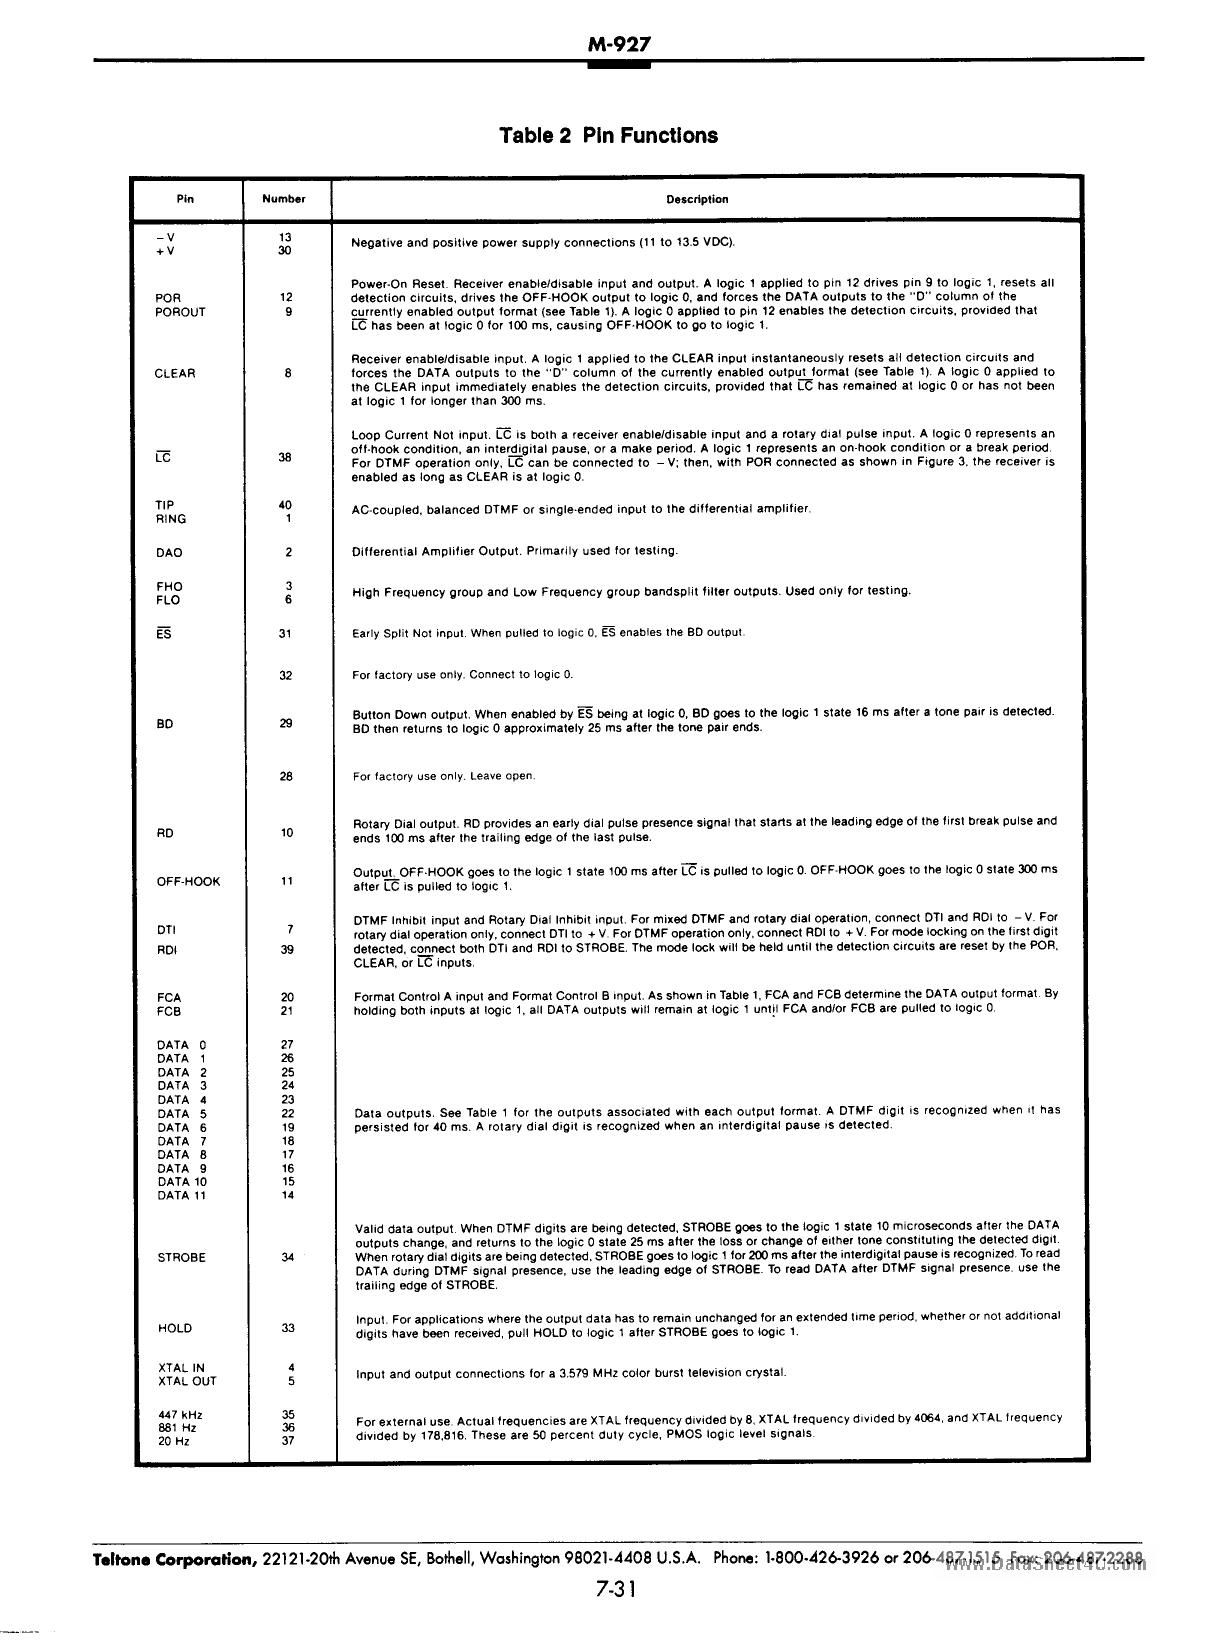 M-927 Даташит, Описание, Даташиты